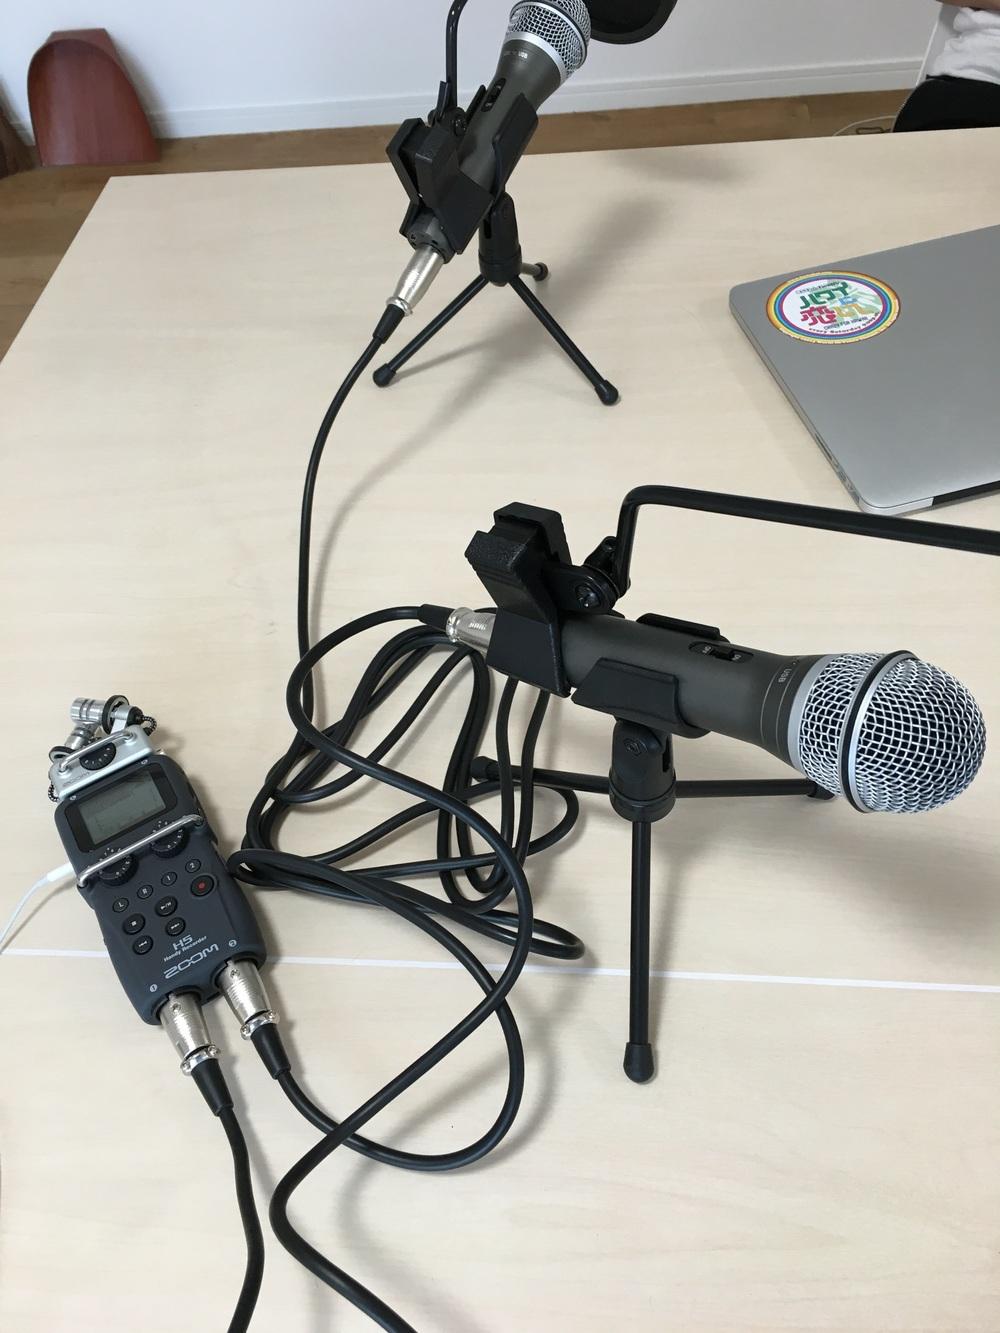 今回から使用した録音機材。マイクはSAMSON Q2U。マイクに取り付けているのはキクタニ ポップブロッカー PO-5S。口から出るポップノイズ(息が吹きかかった音など)を防いでくれるそうです。